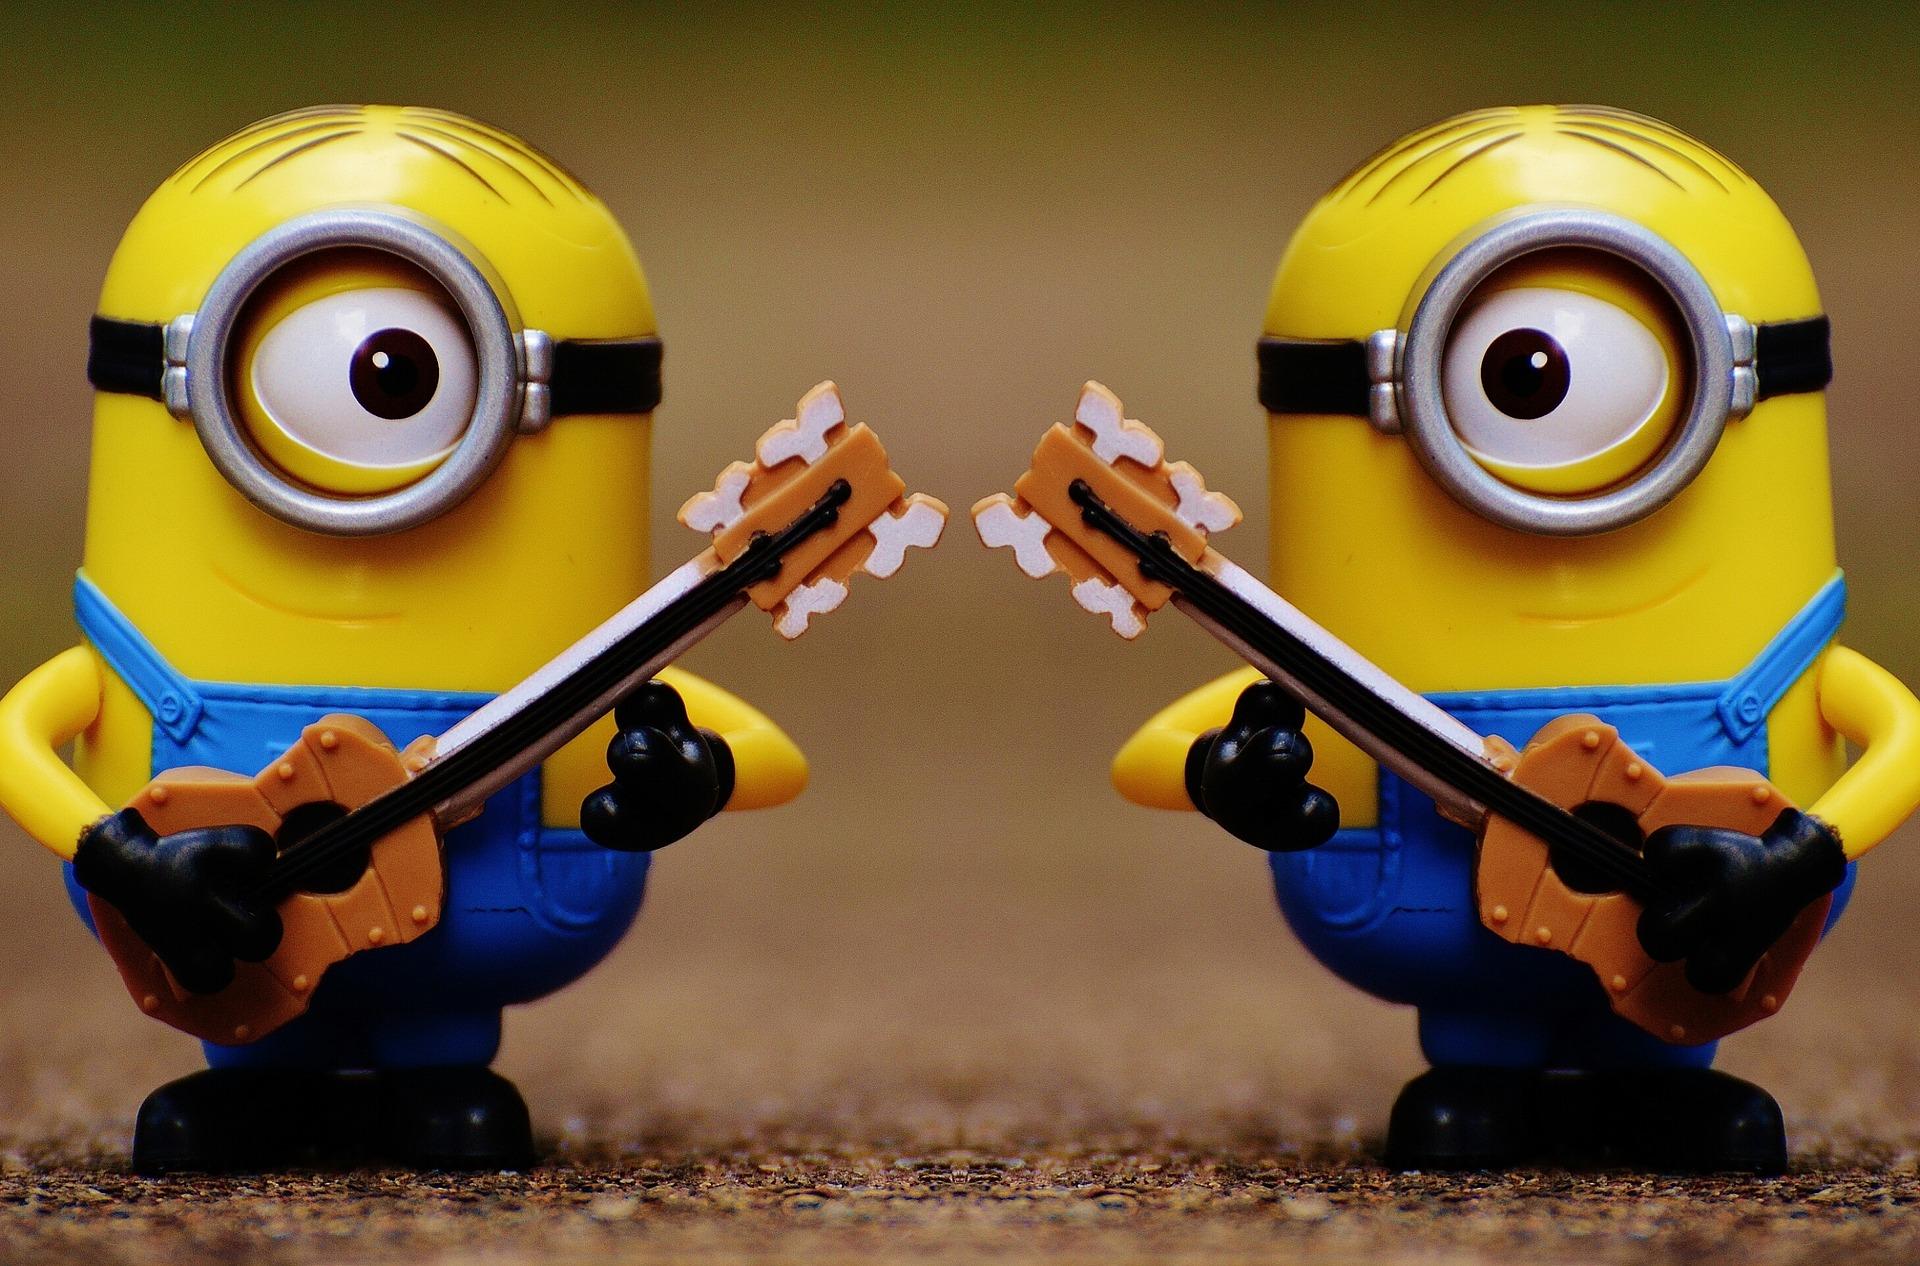 ギターをひく2匹のモンスター